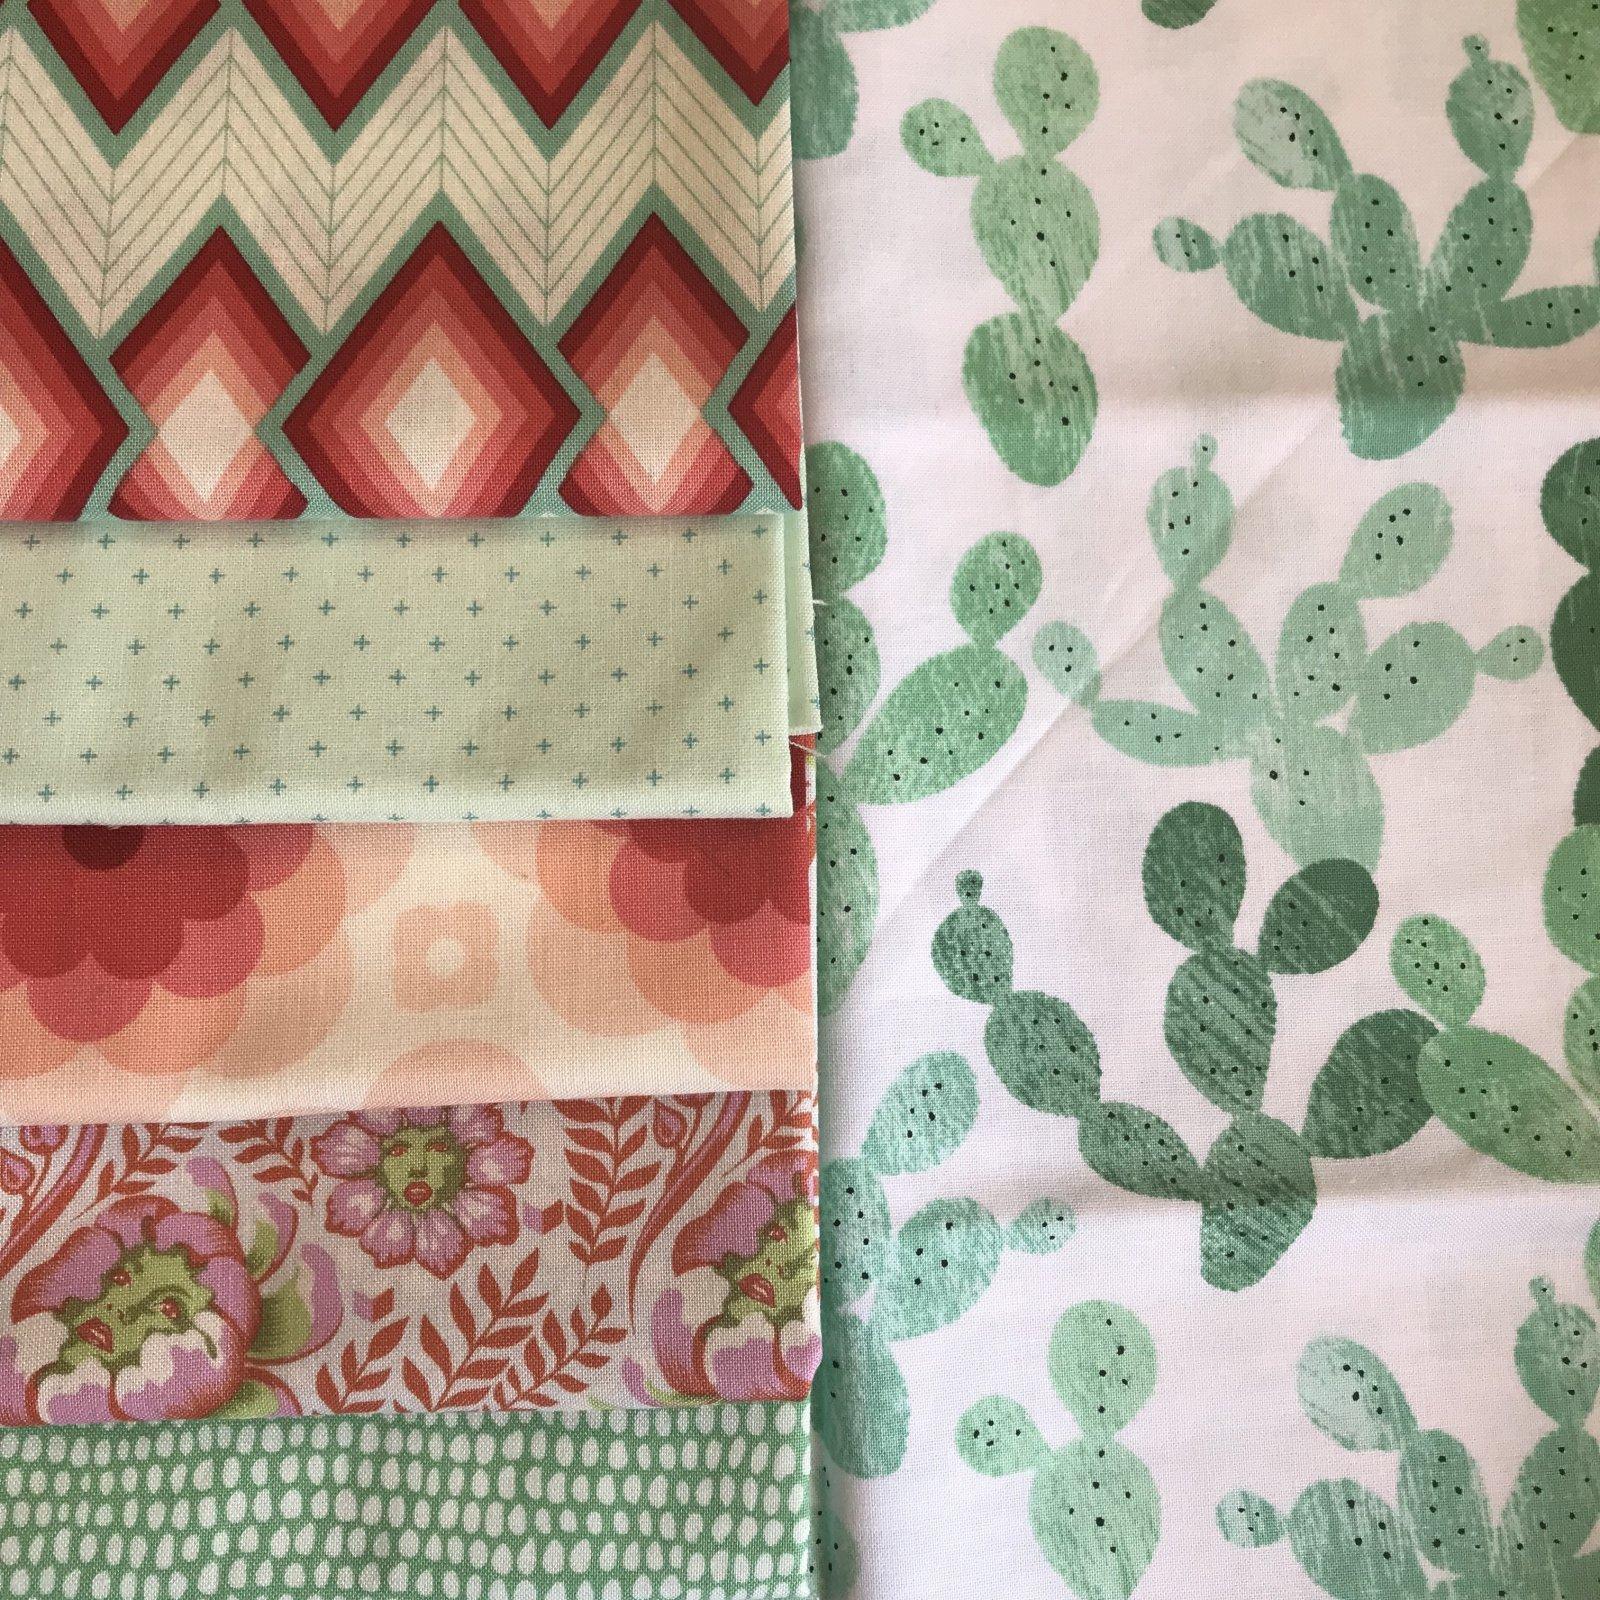 Coral Cacti FQ Bundle - 6 Pieces